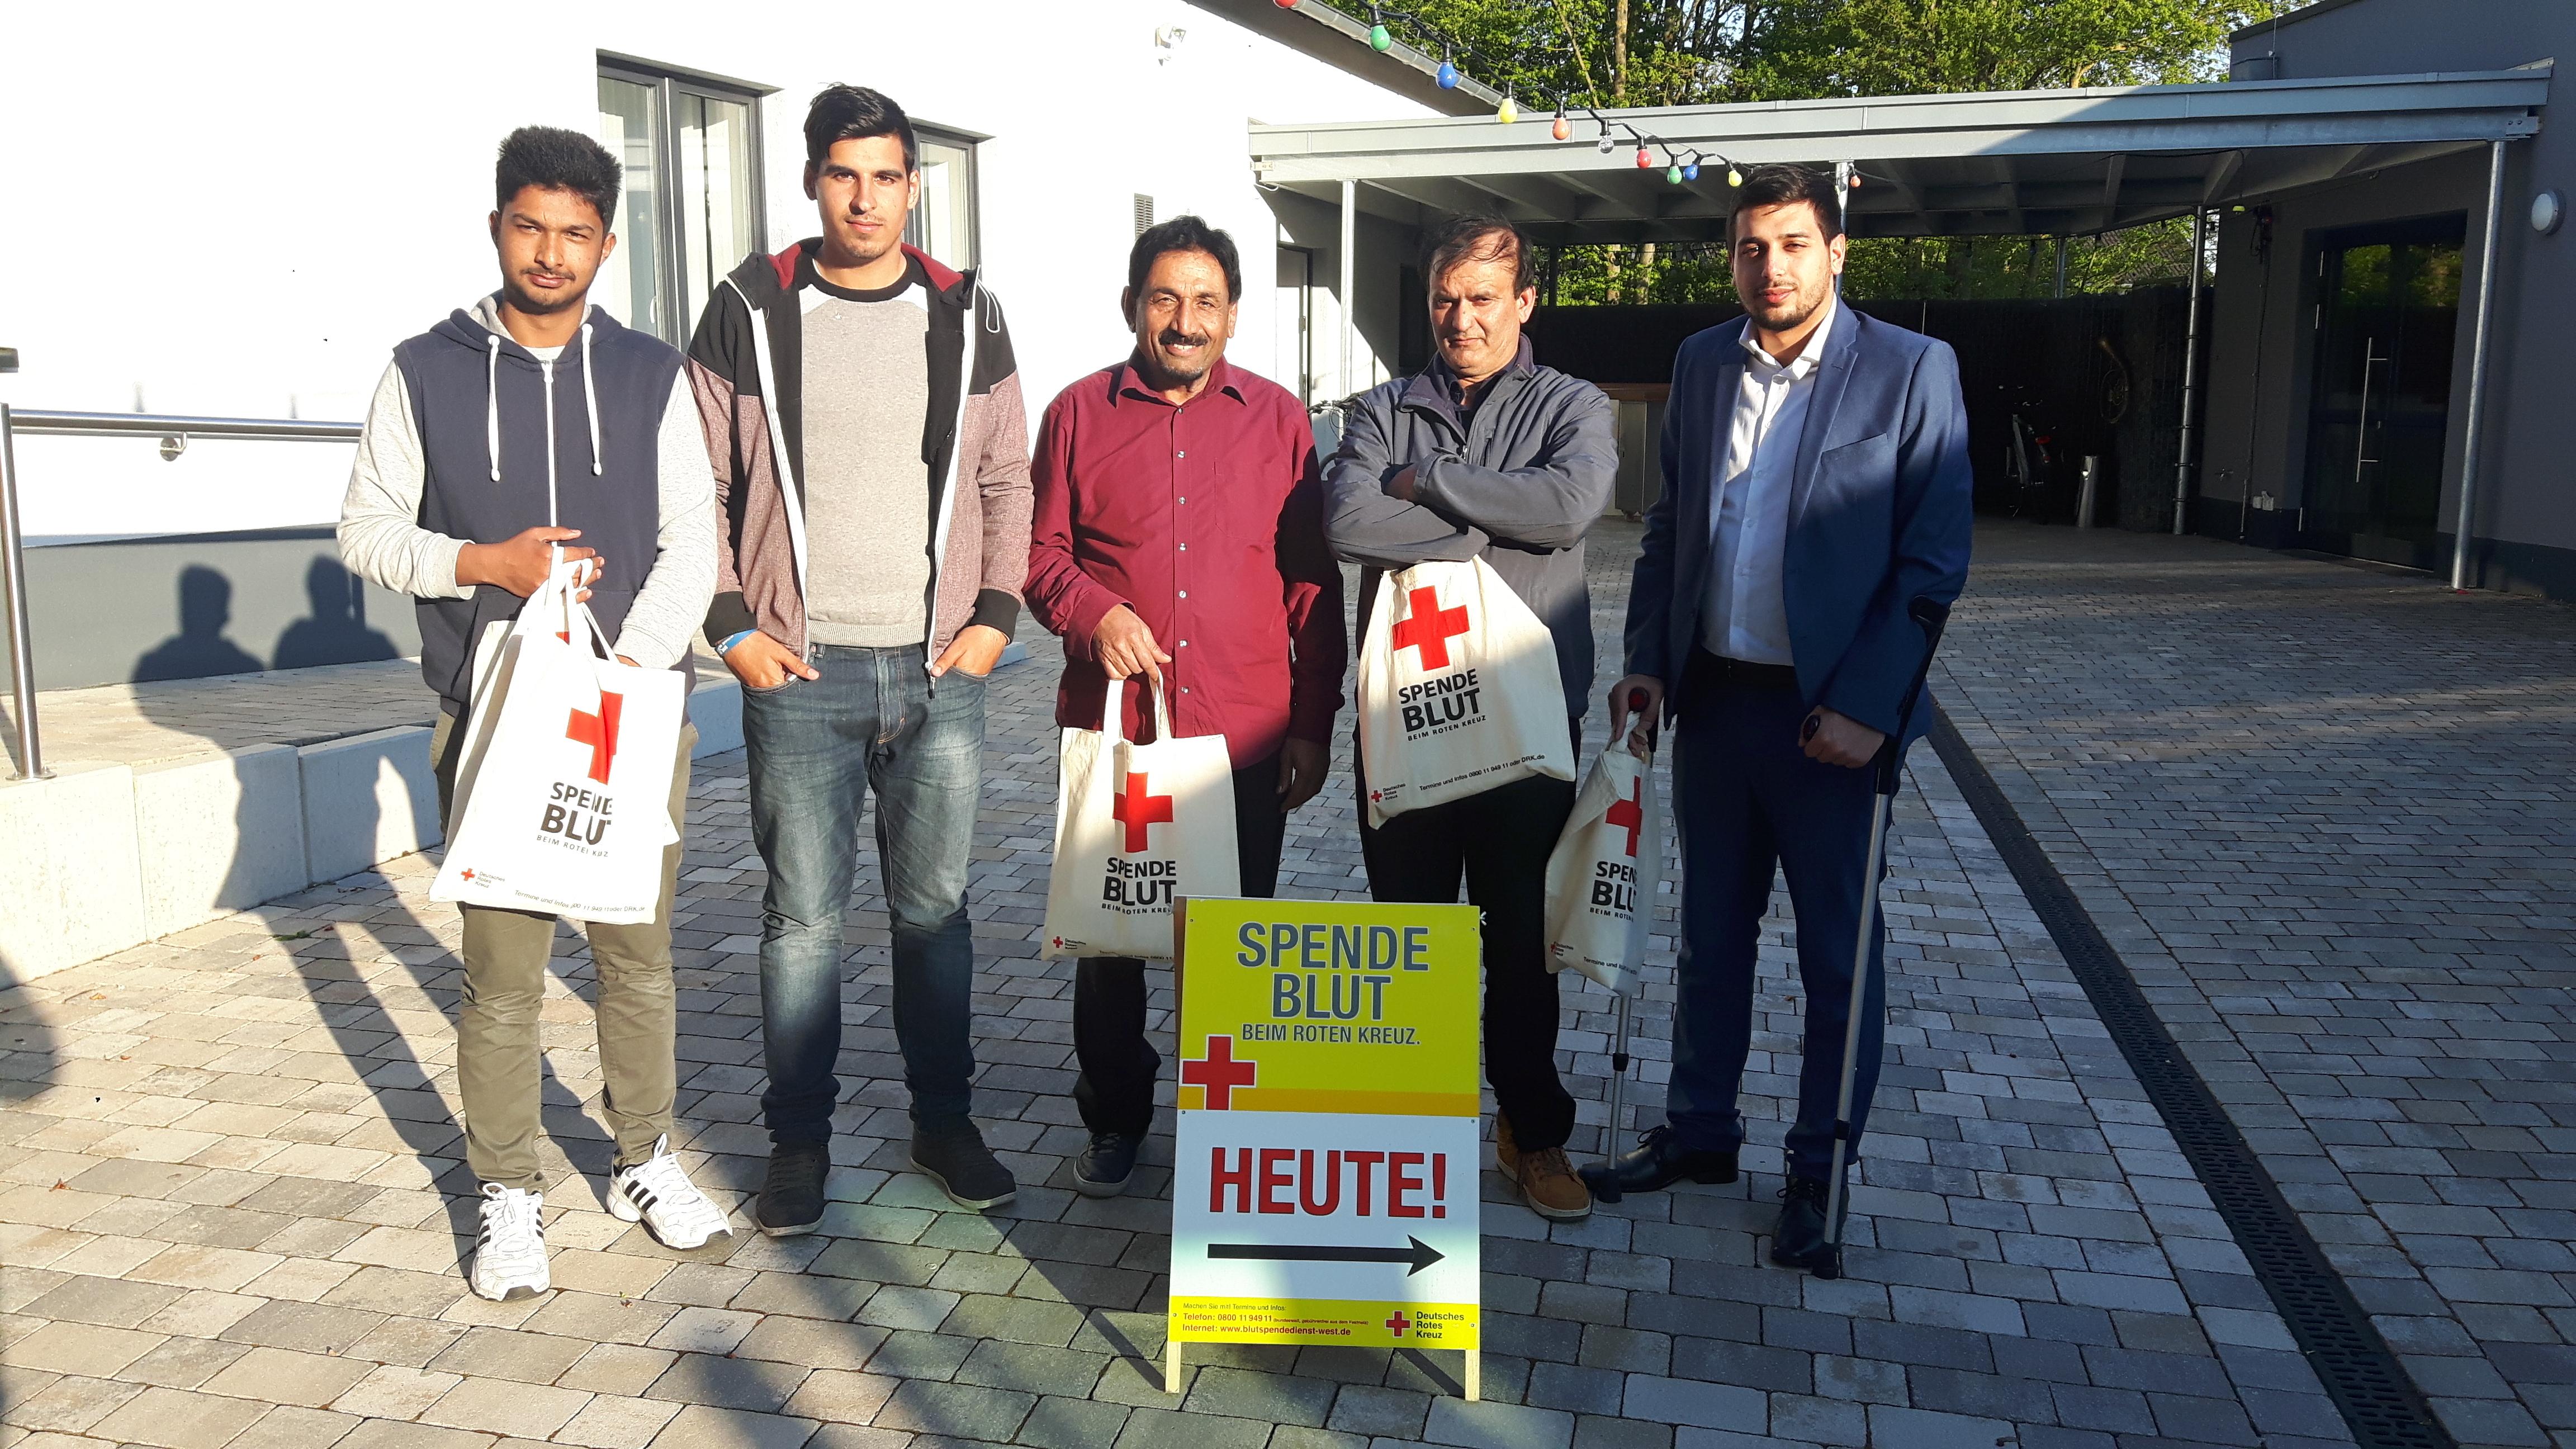 DRK-Blutspendeaktion-in-Wittlich-Wengerohr